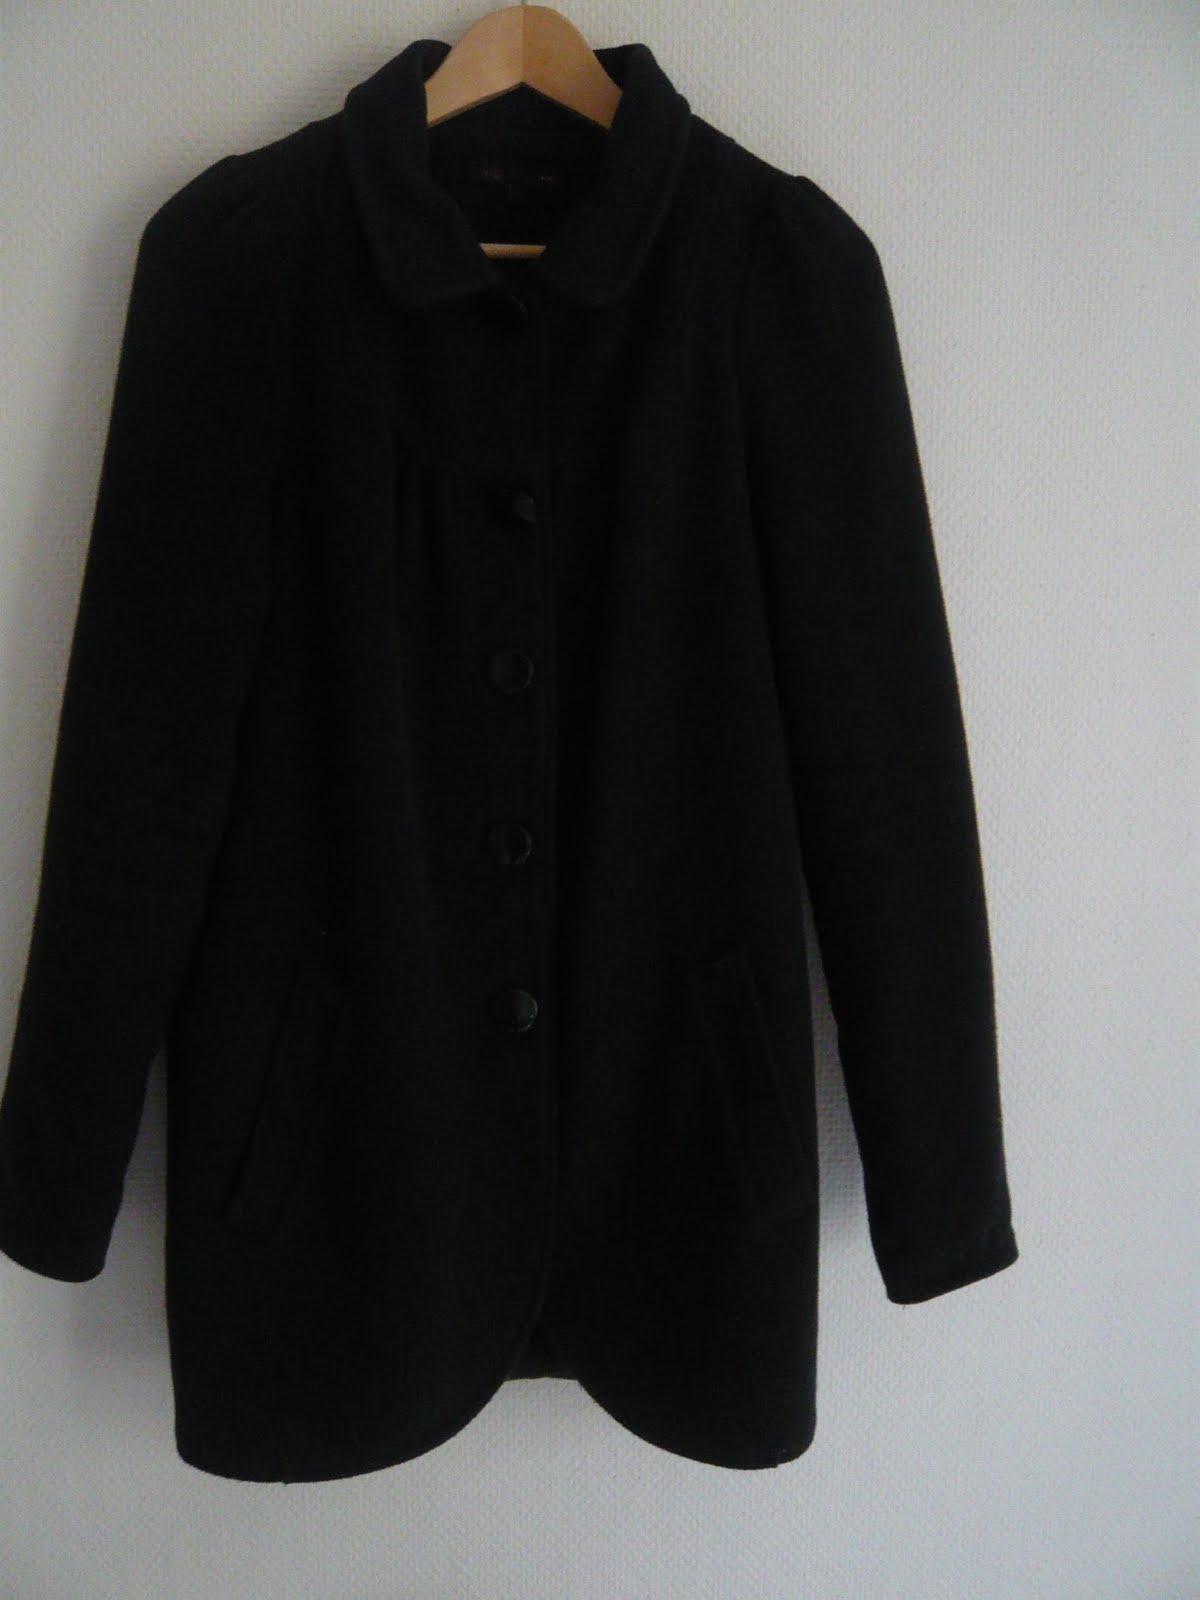 mym vide son dressing manteau maje taille 1. Black Bedroom Furniture Sets. Home Design Ideas